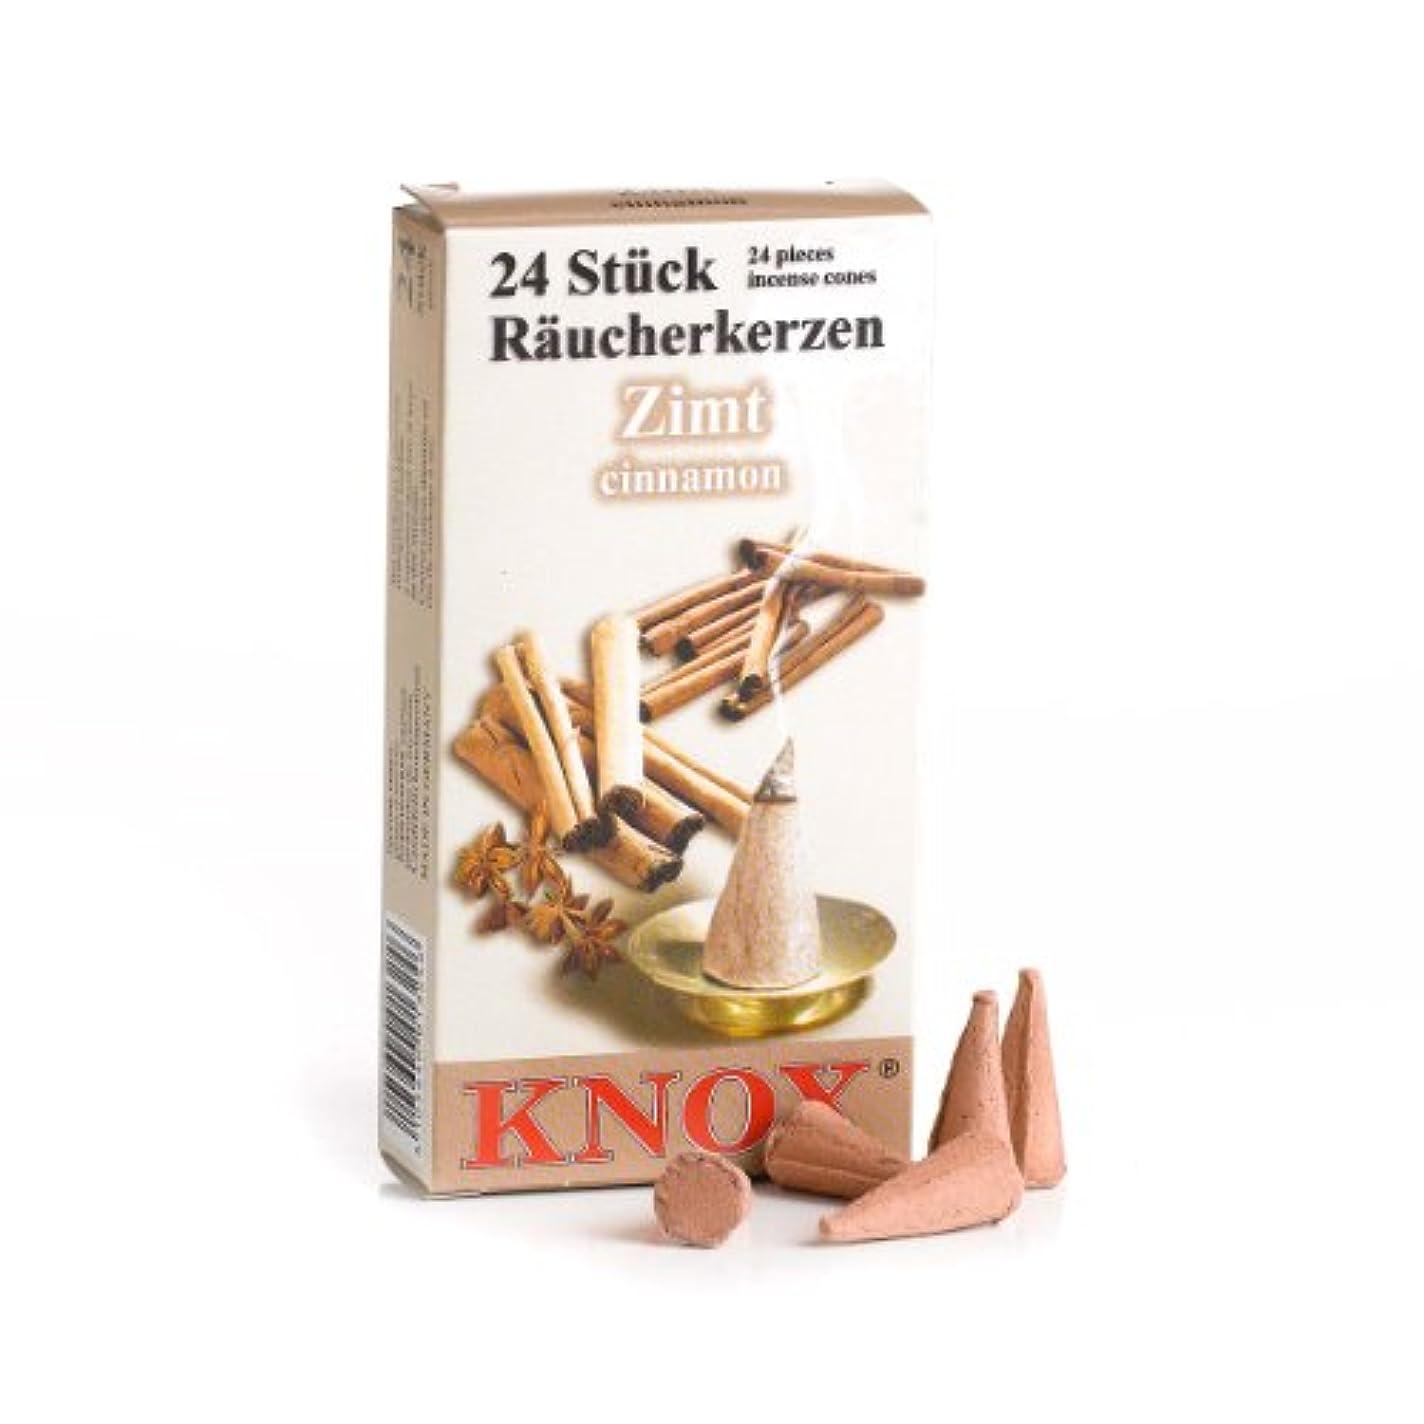 Knox Cinnnamon香りつきIncense Cones、24パック、ドイツ製